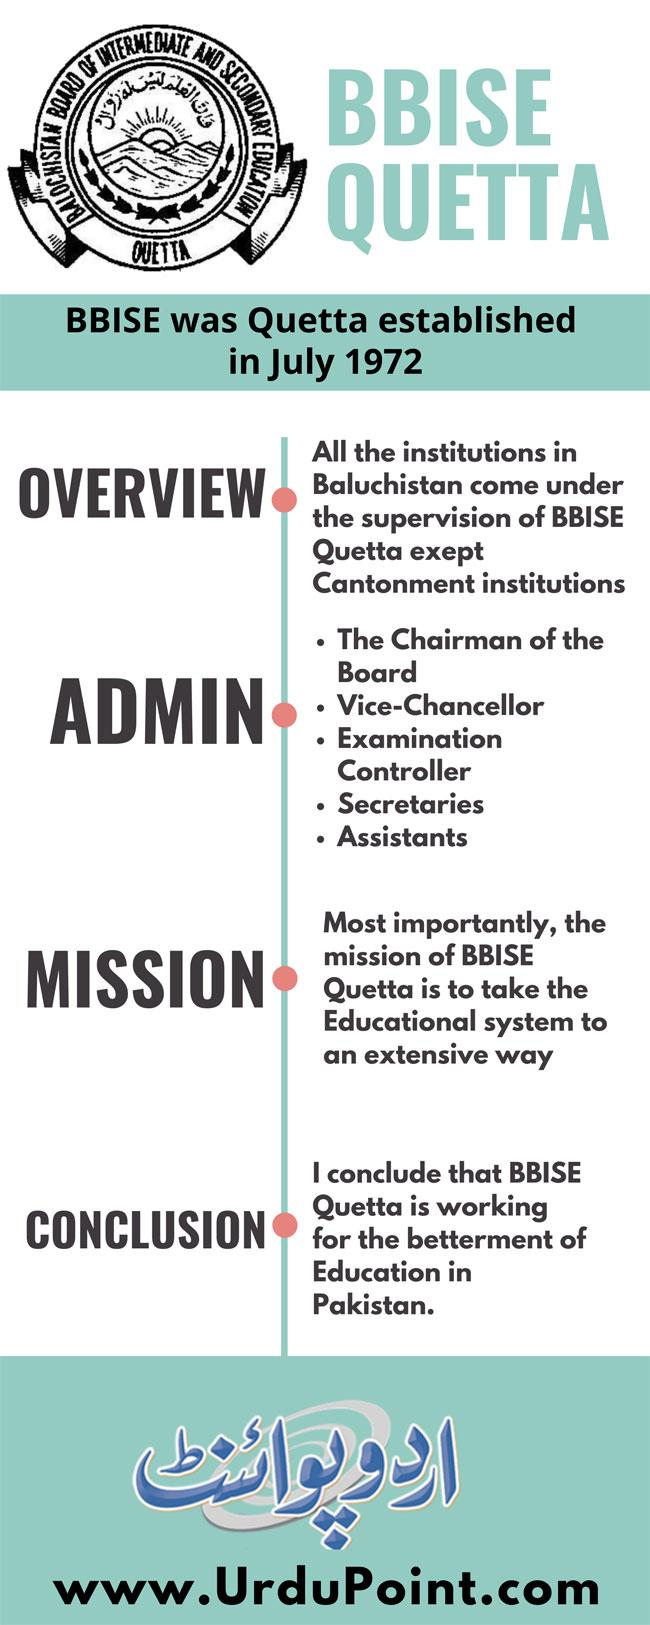 BBISE Quetta